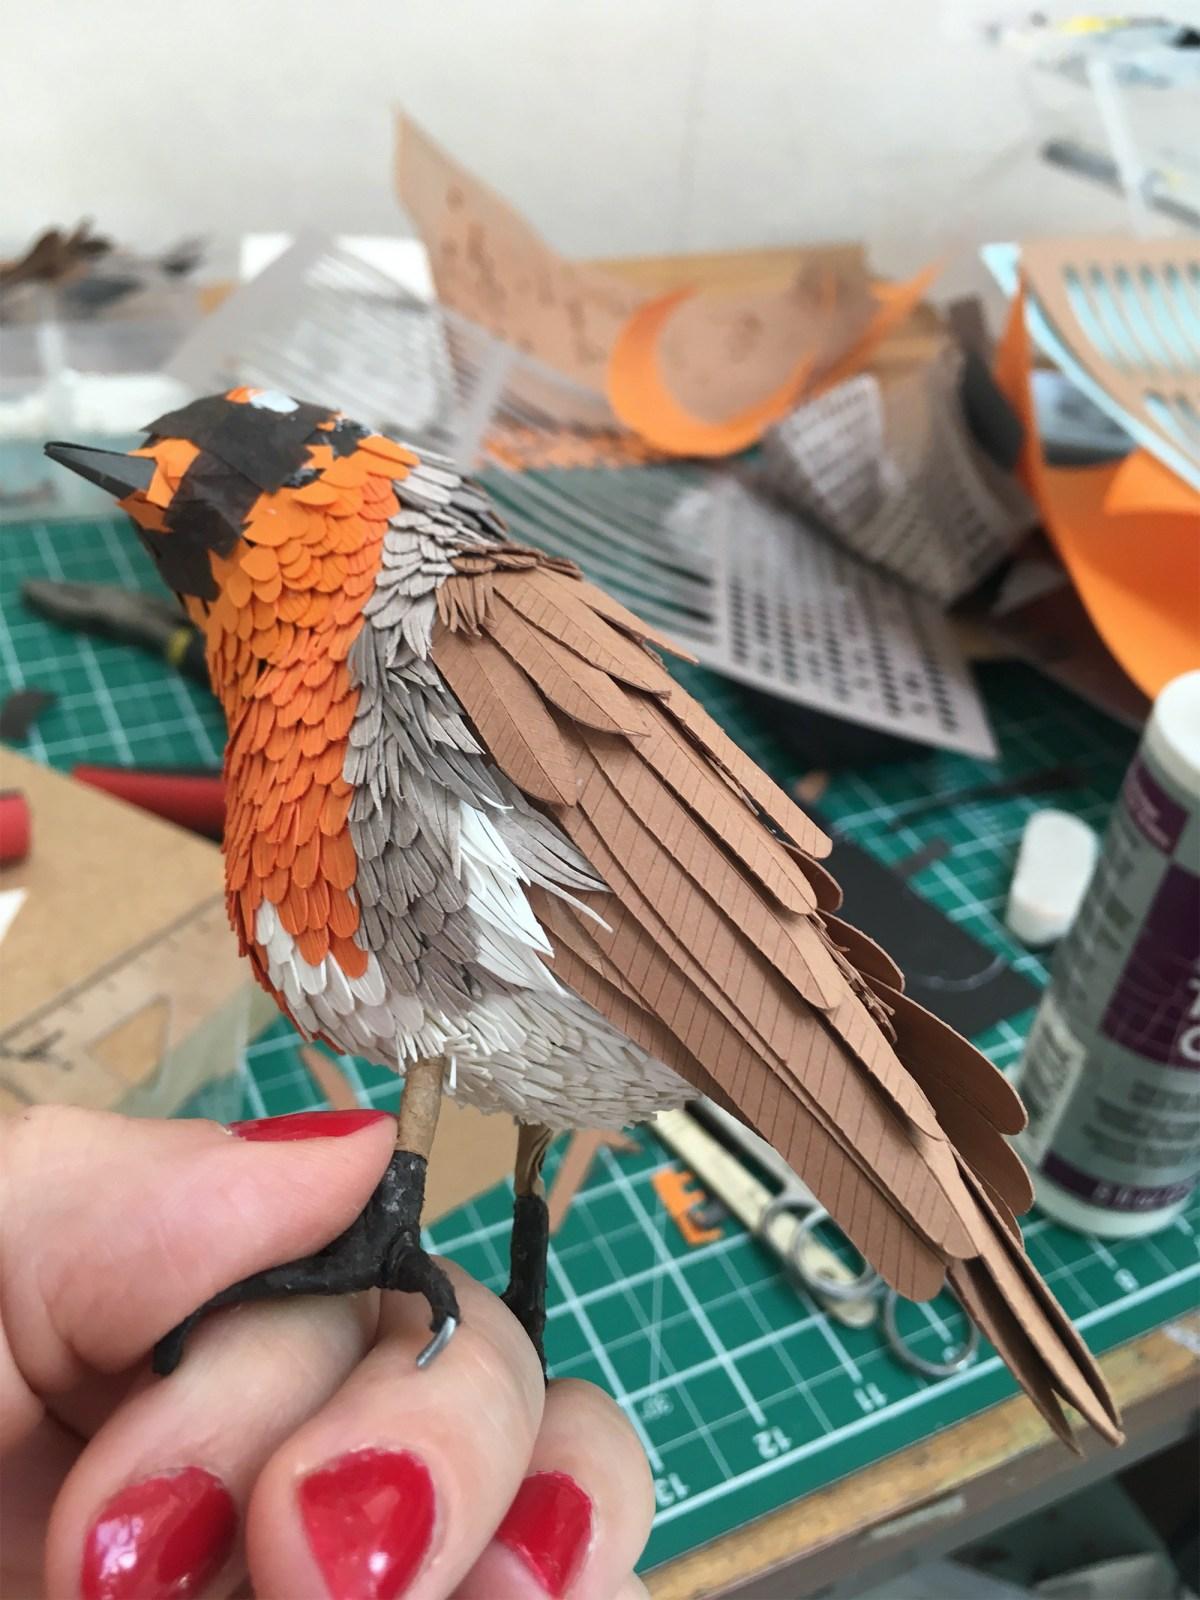 exquisite paper birds and butterflies